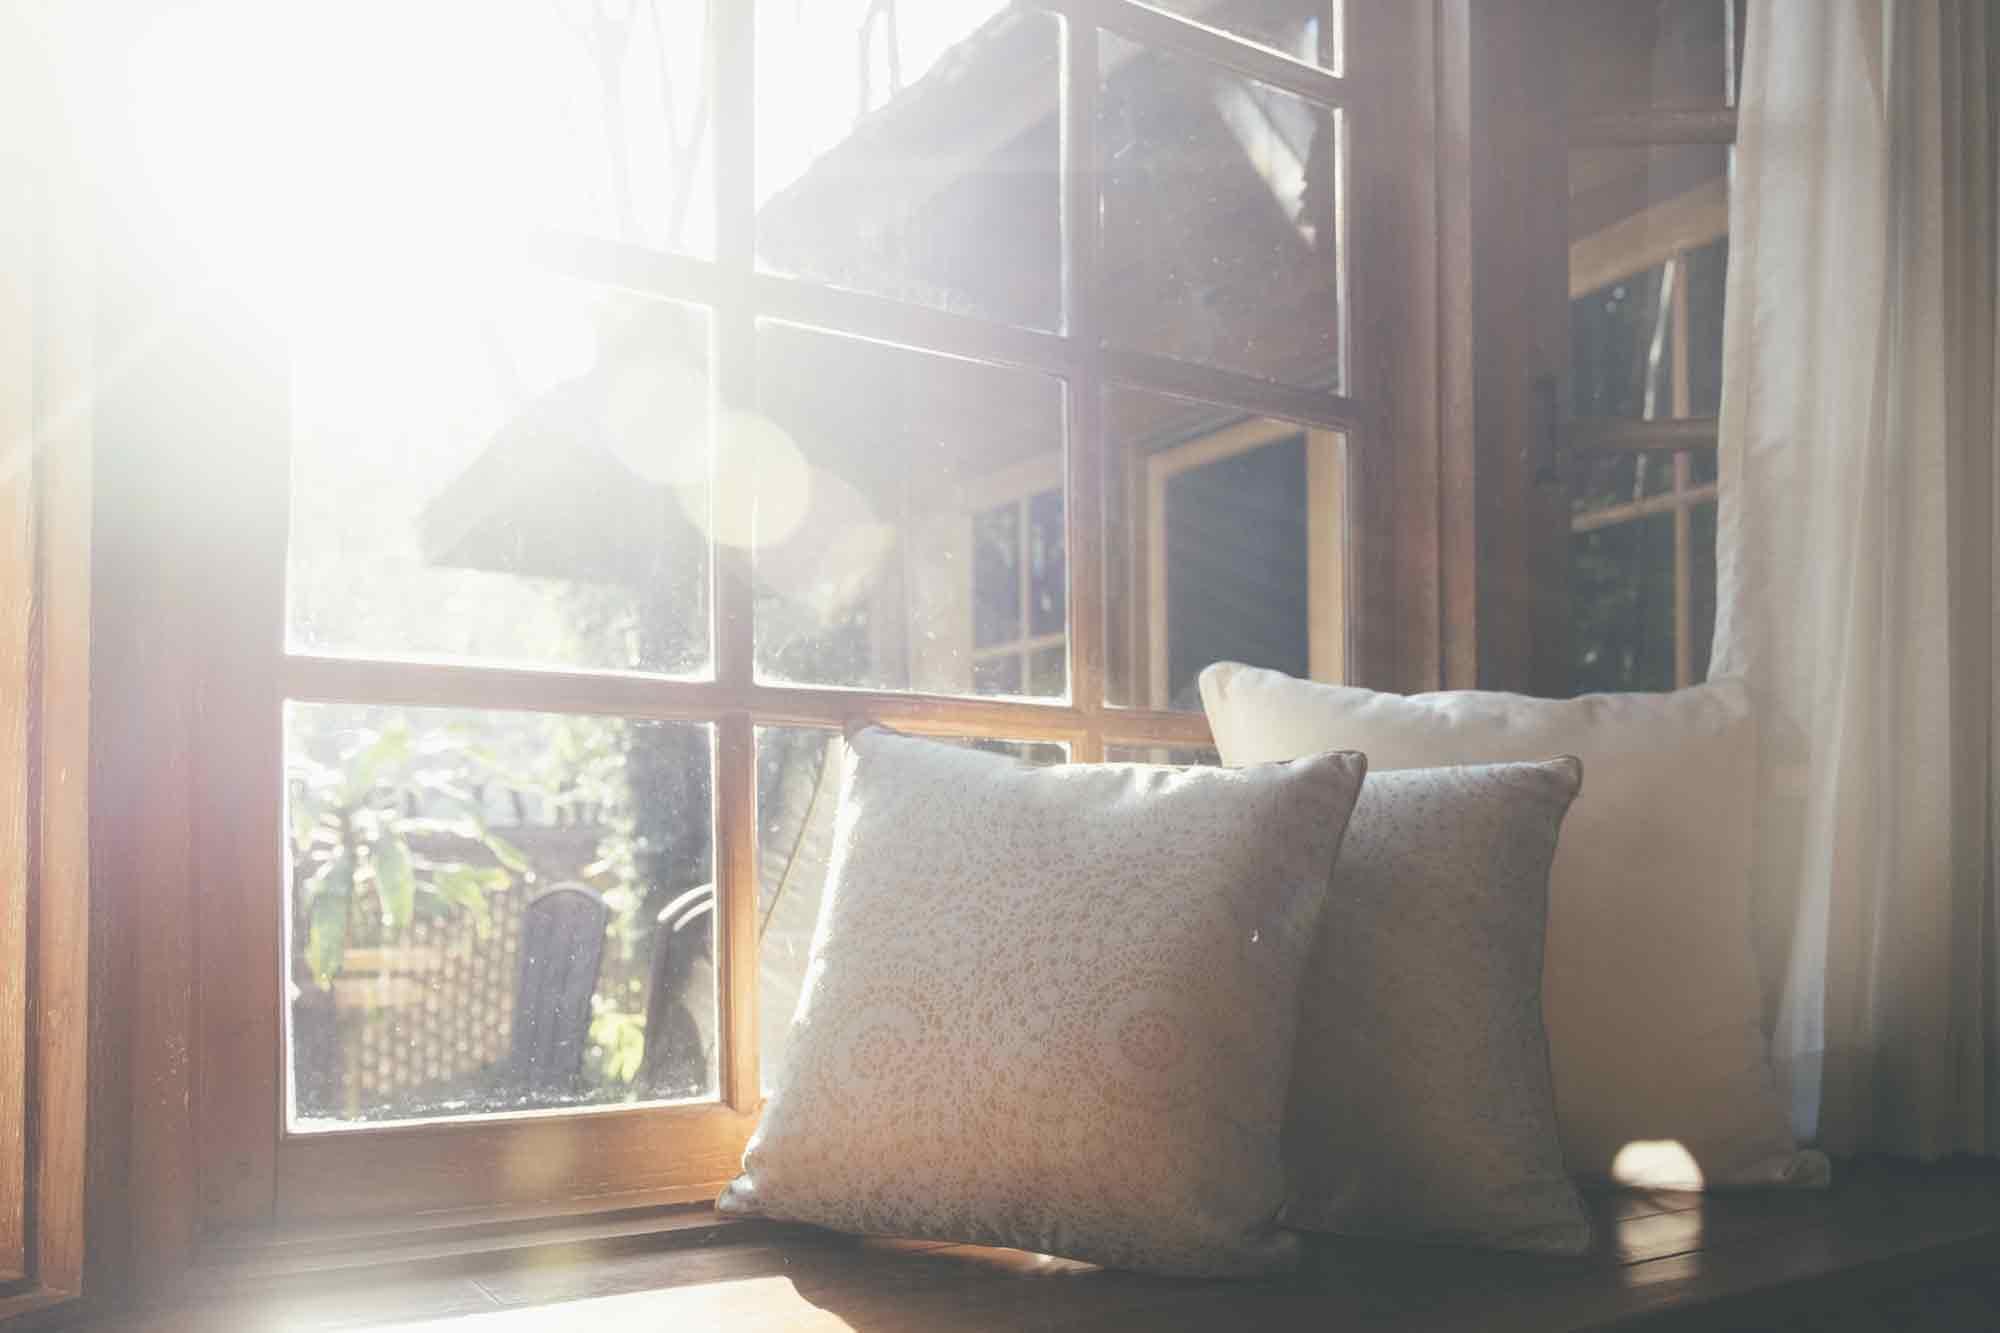 窓から差し込むキレイな朝日